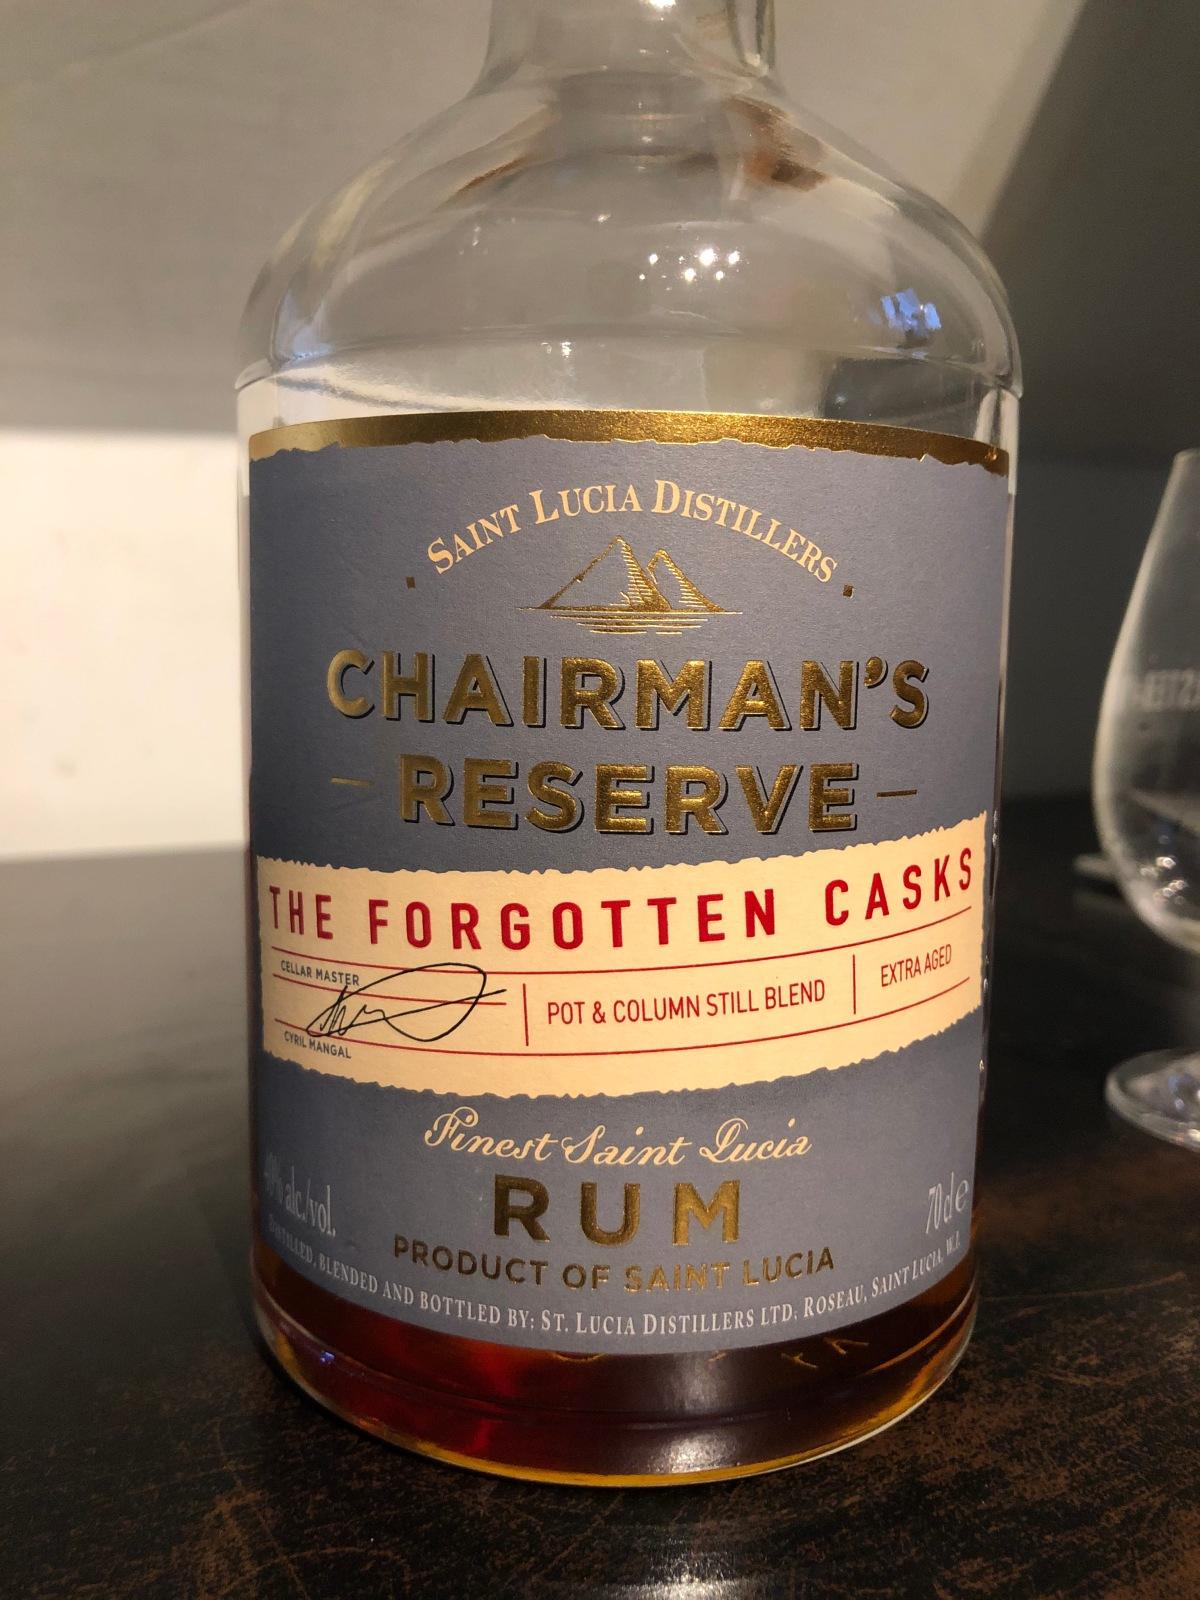 Saint Lucia Distillers: Chairman's Reserve ForgottenCask